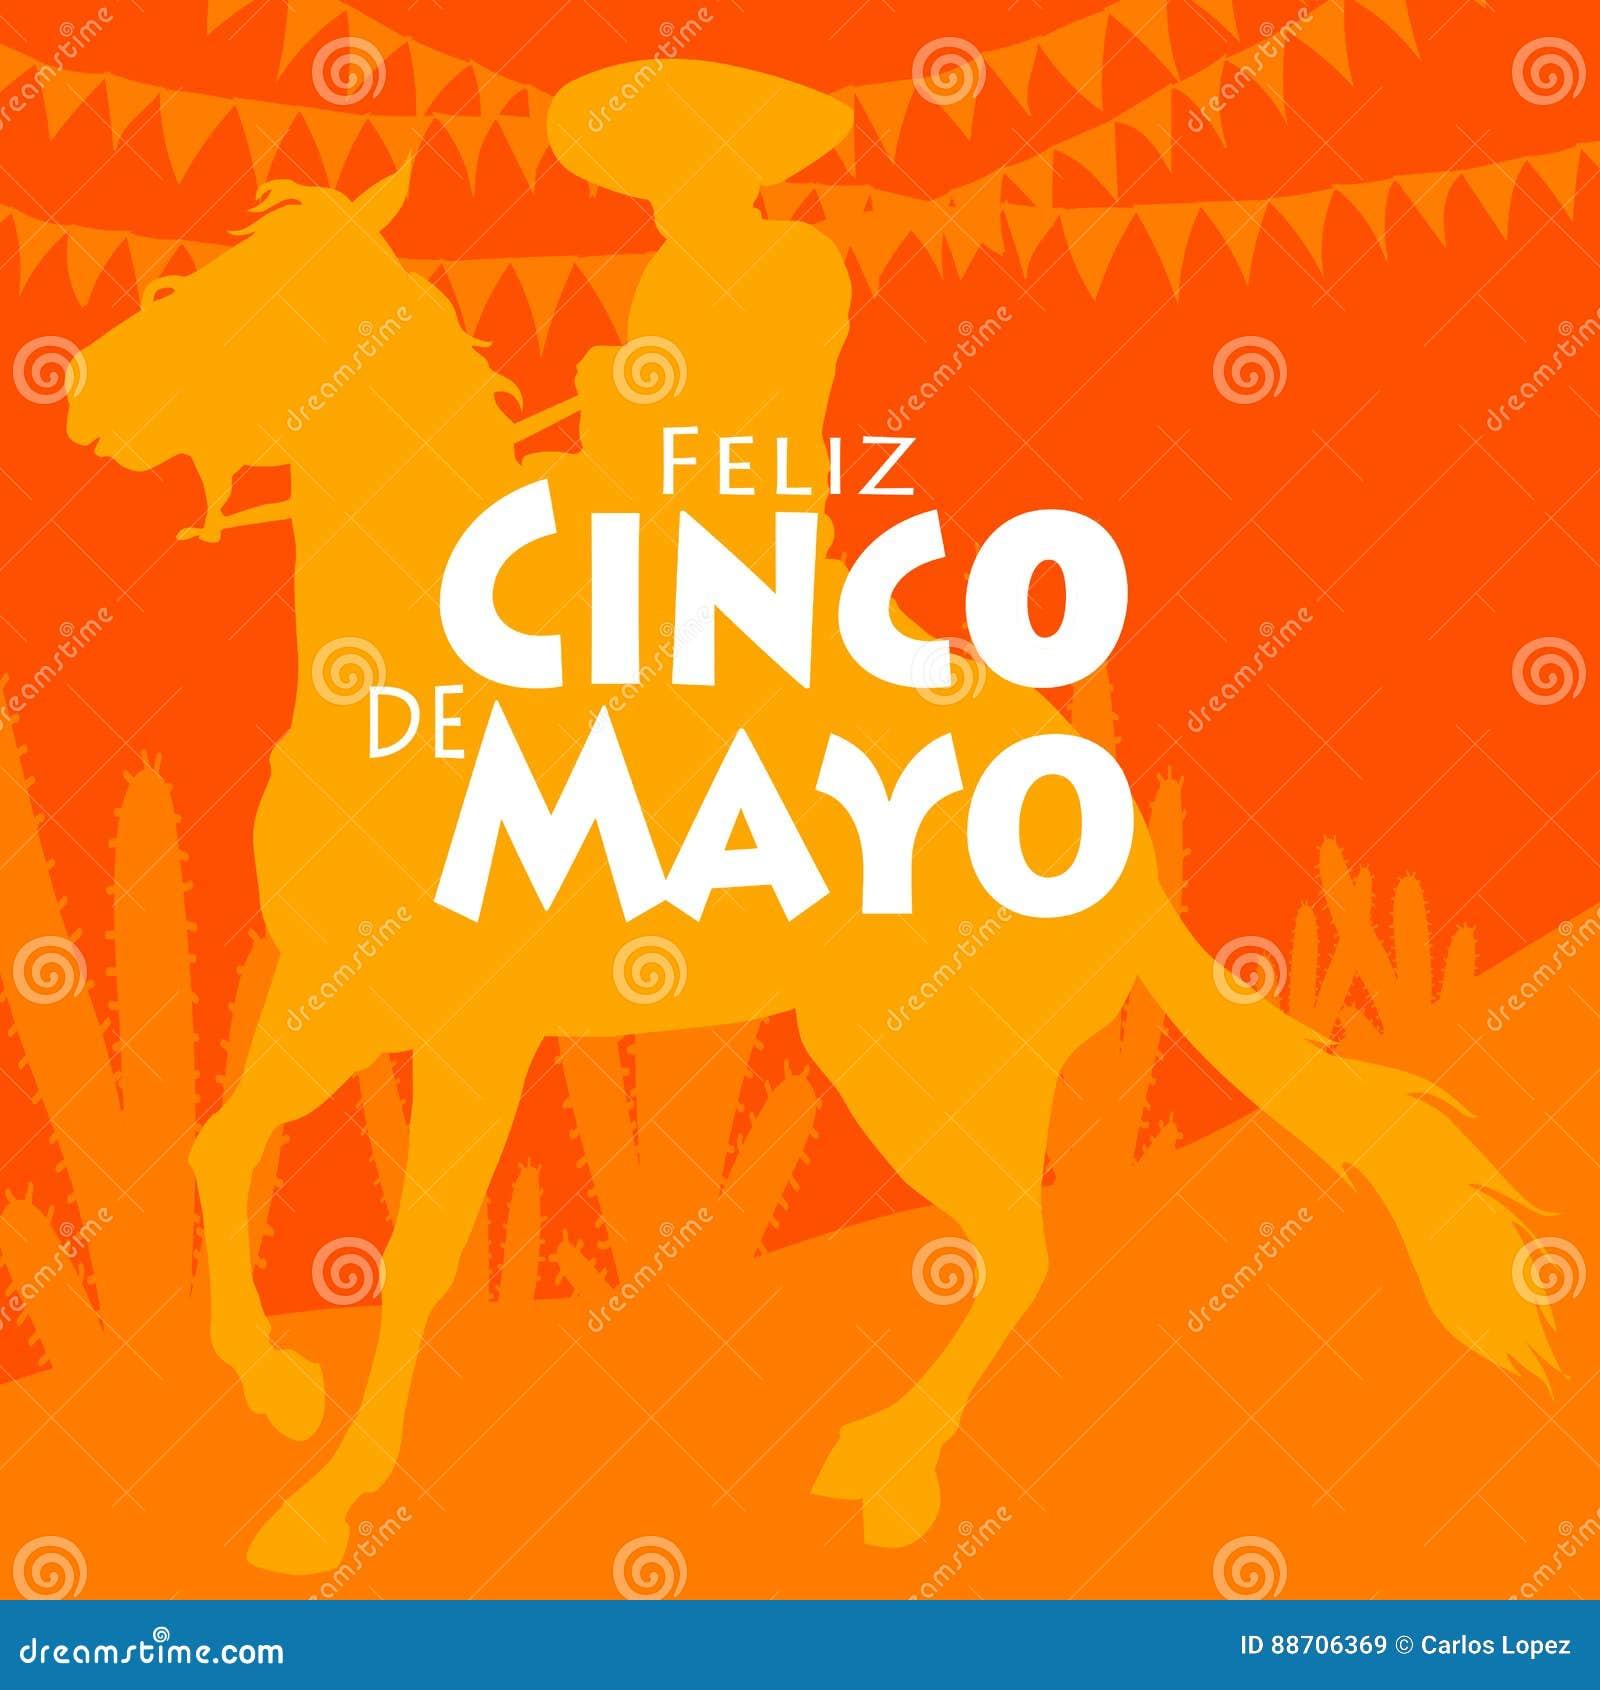 Feliz cinco de mayo.